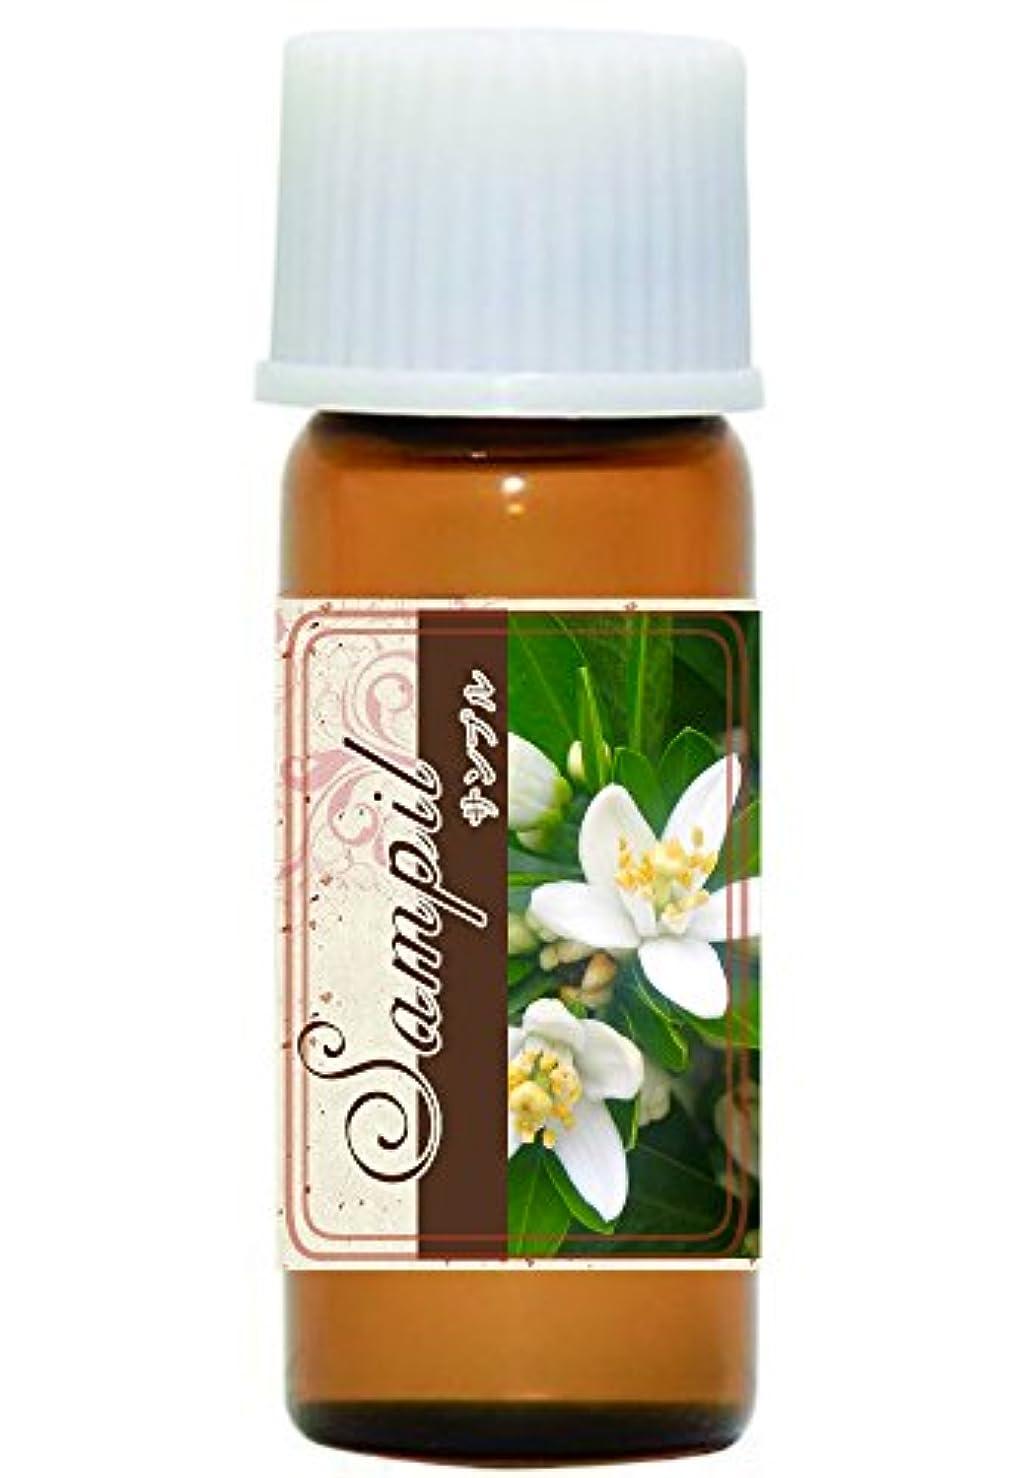 暗唱する二ラブ【お試しサンプル】 ネロリ(ビターオレンジ花の精油) 0.3ml 100% エッセンシャルオイル アロマオイル